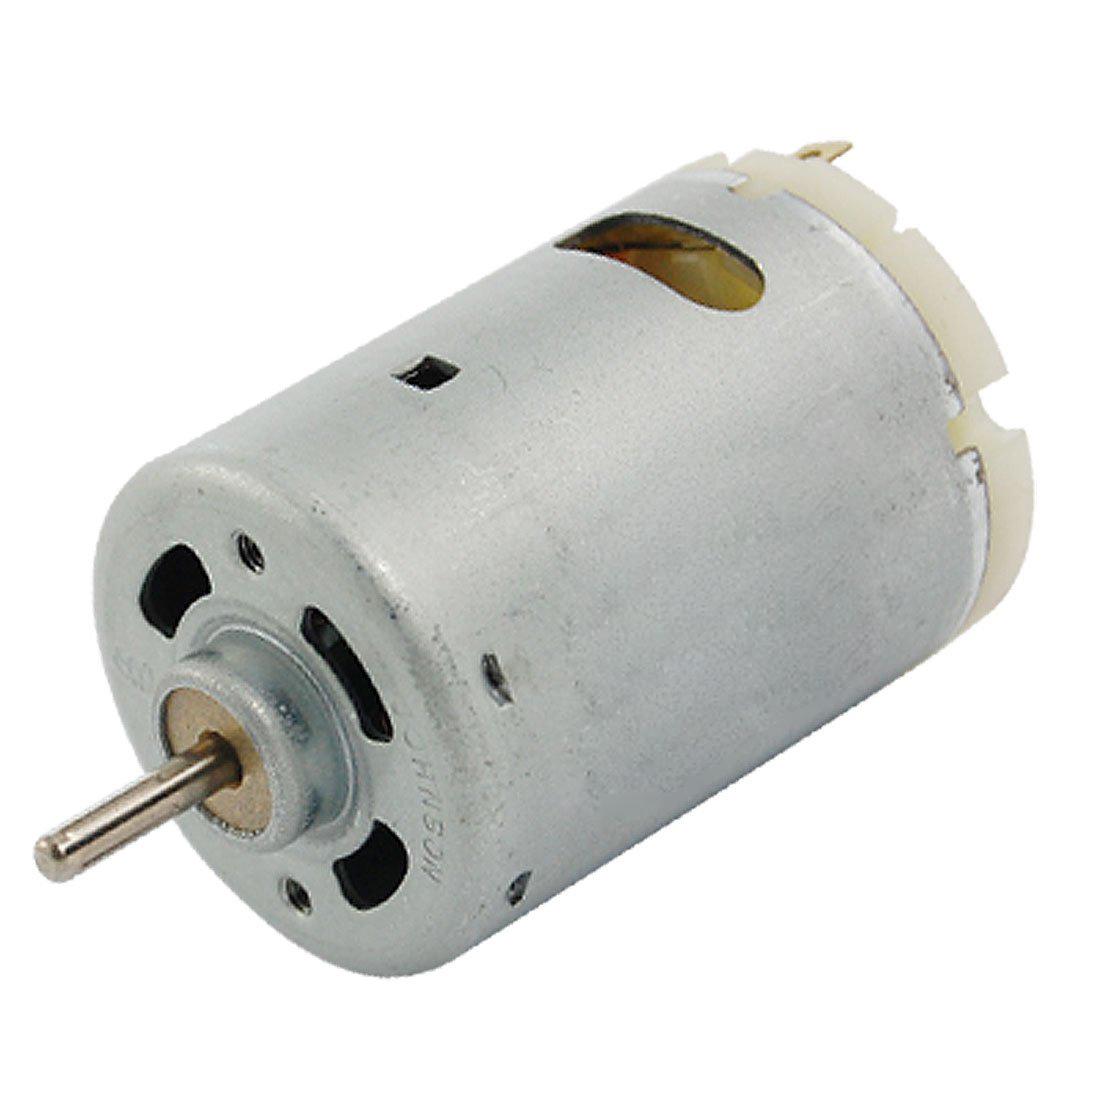 Dc 12v 1 1 2a 15000rpm high torque electric motor for diy for 12 v dc motor